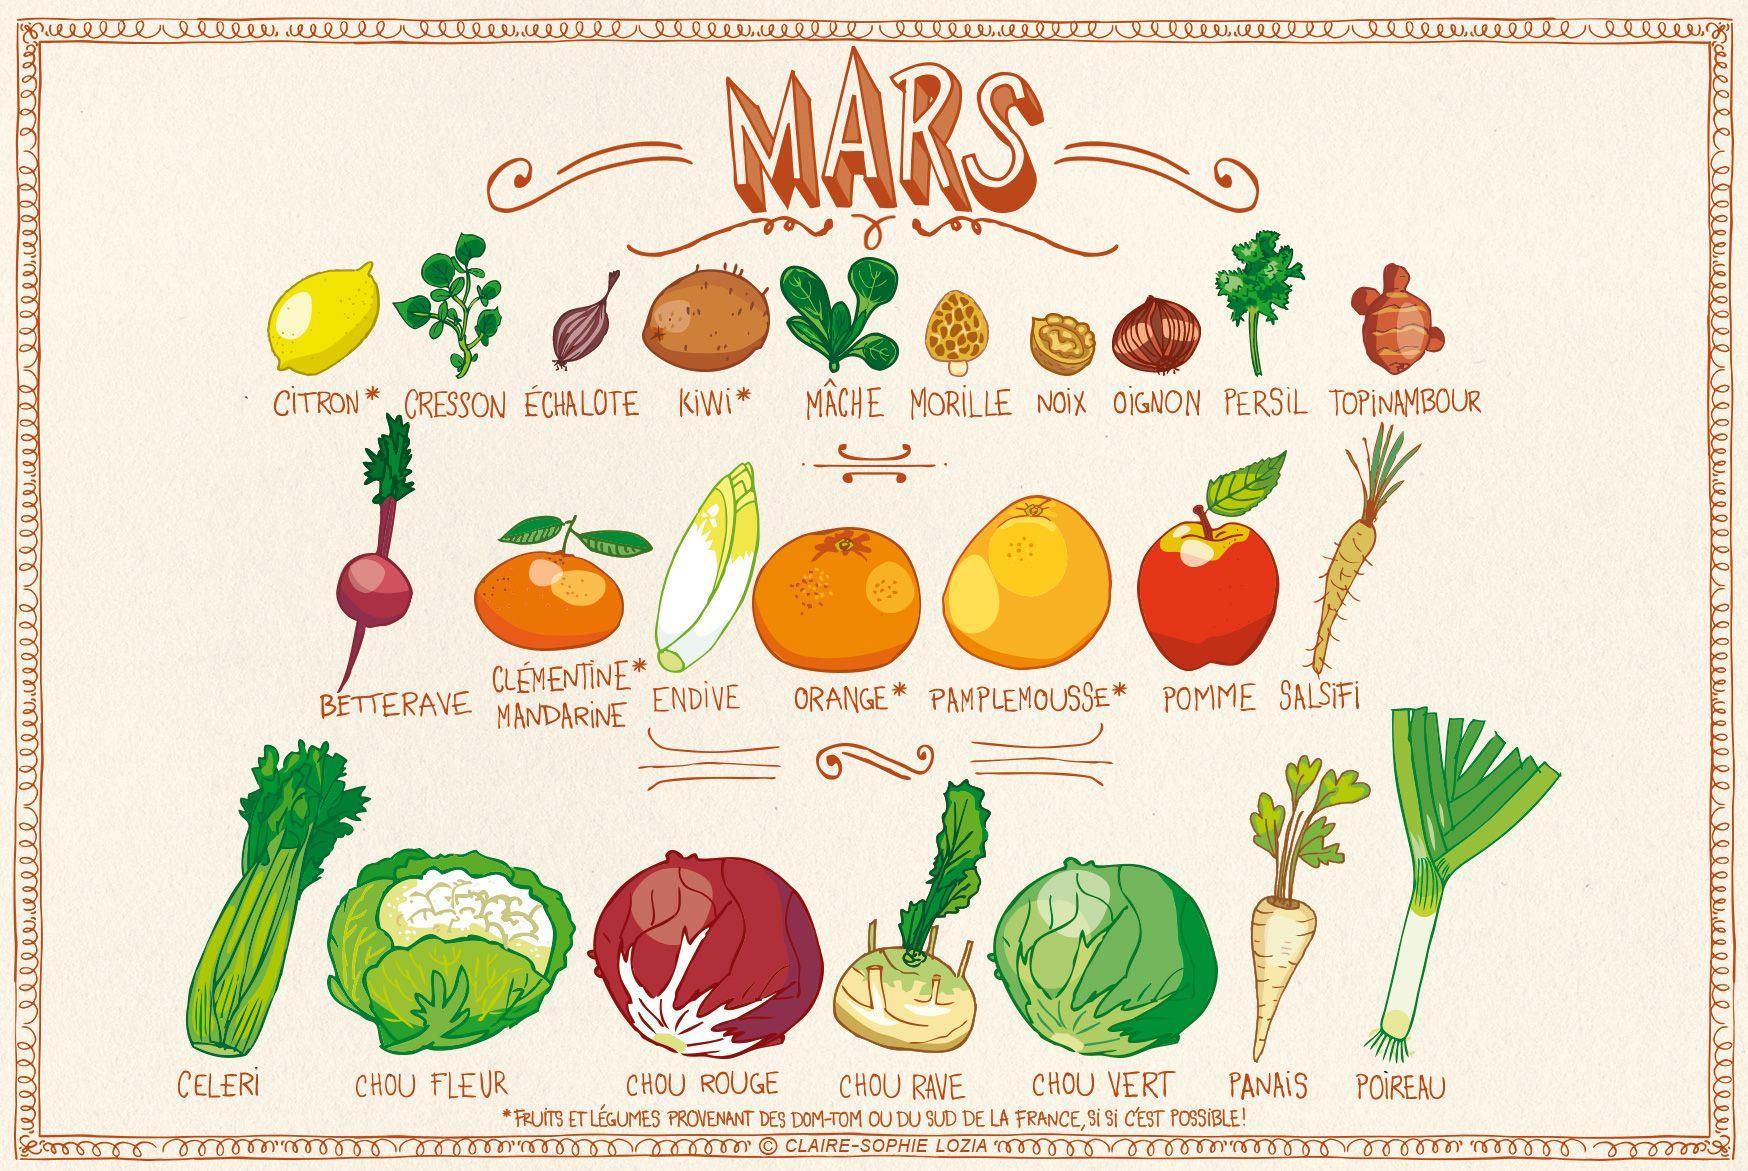 Fruits et légumes de saison - Mois de mars